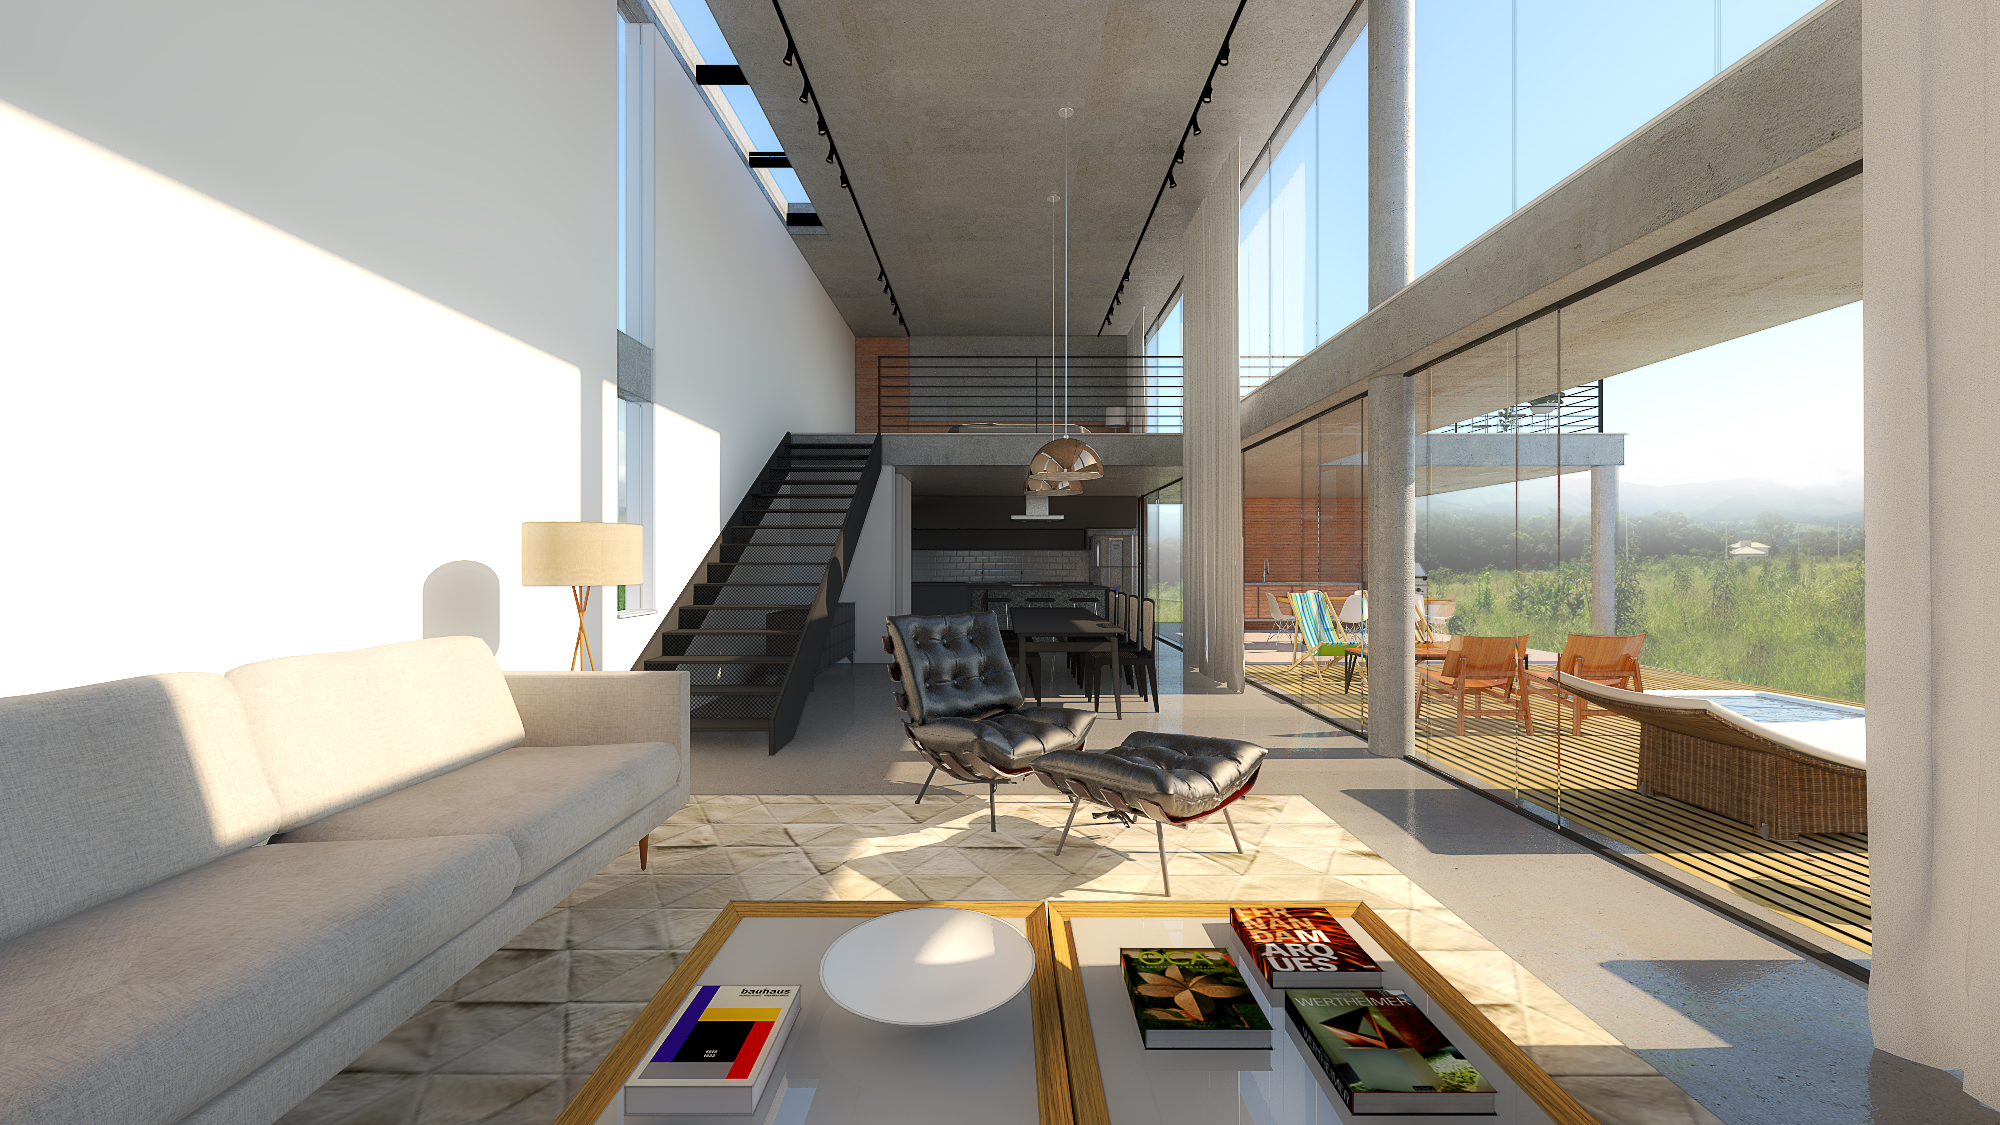 casa-ad-loft-residencial-fachada-interiores